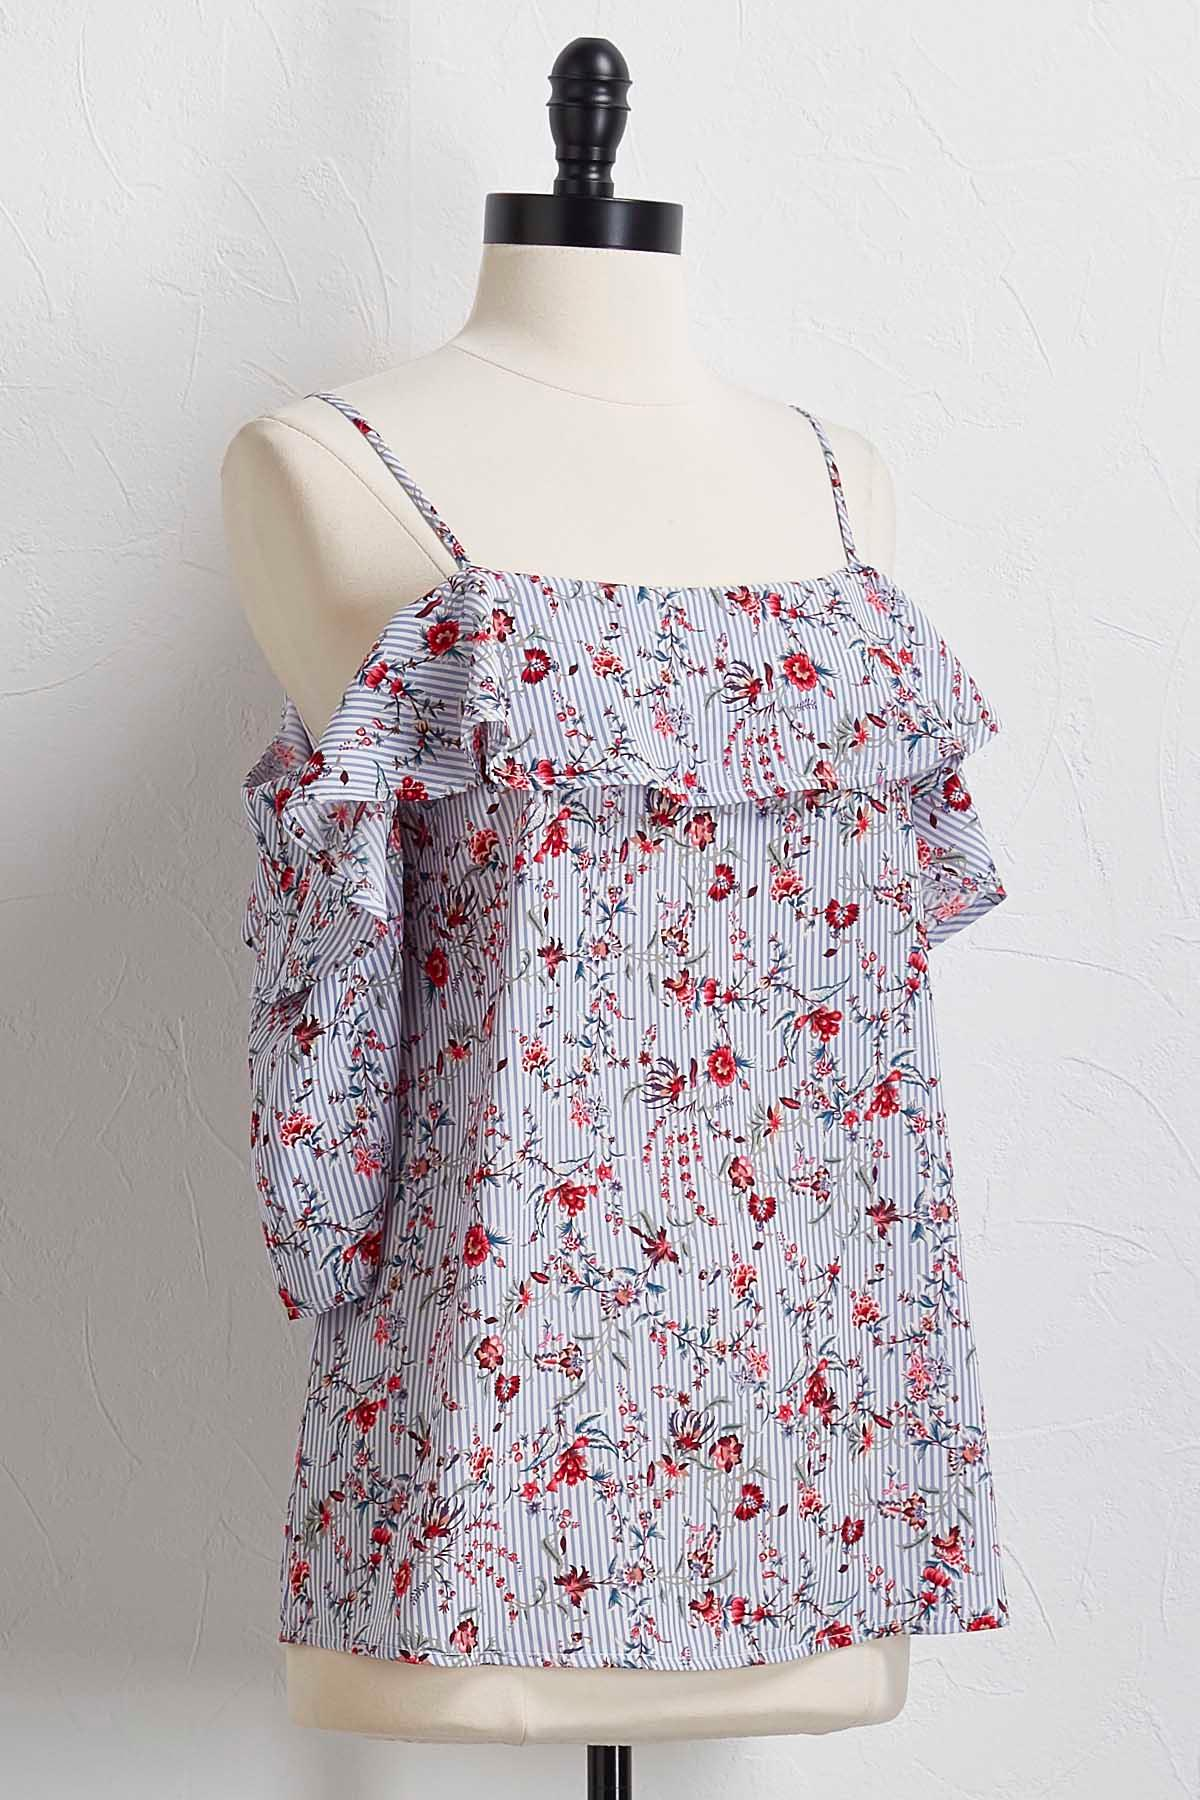 Stripe Floral Bare Shoulder Top